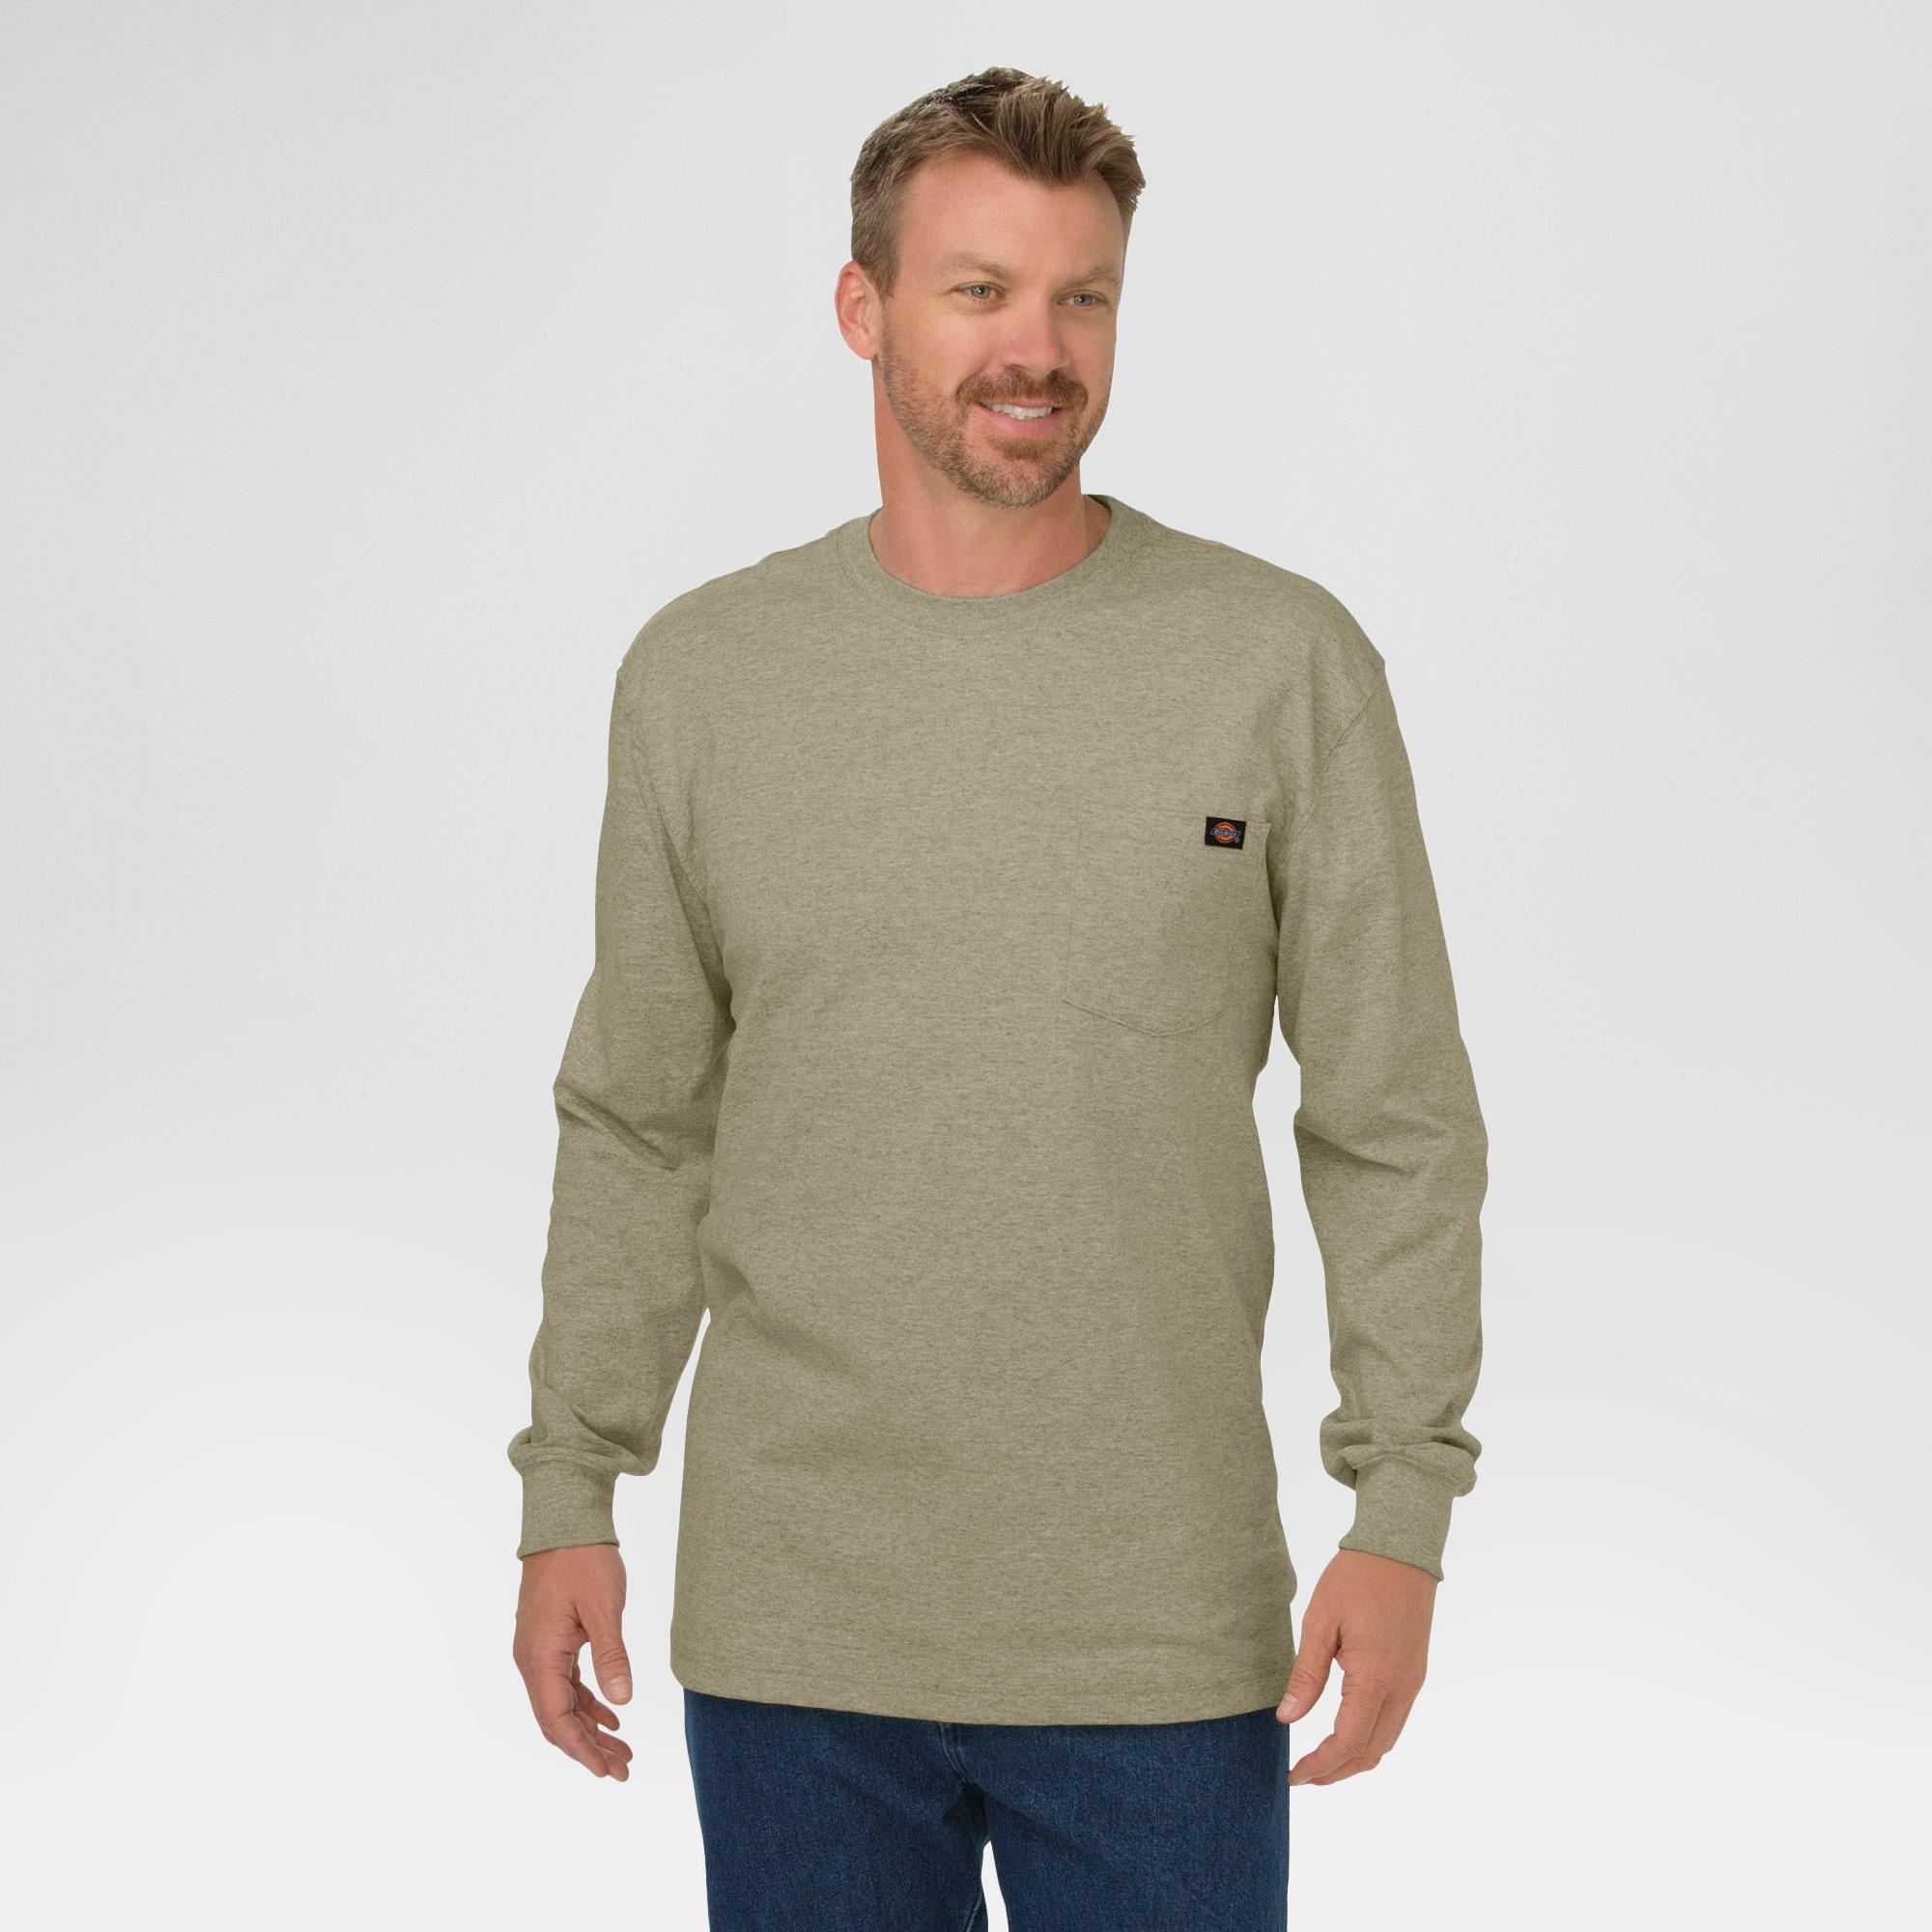 c8eaa67e1cfc Dickies Men's Big & Tall Cotton Heavyweight Long Sleeve Pocket T-Shirt-  Desert Sand XL Tall, Size: Xlt